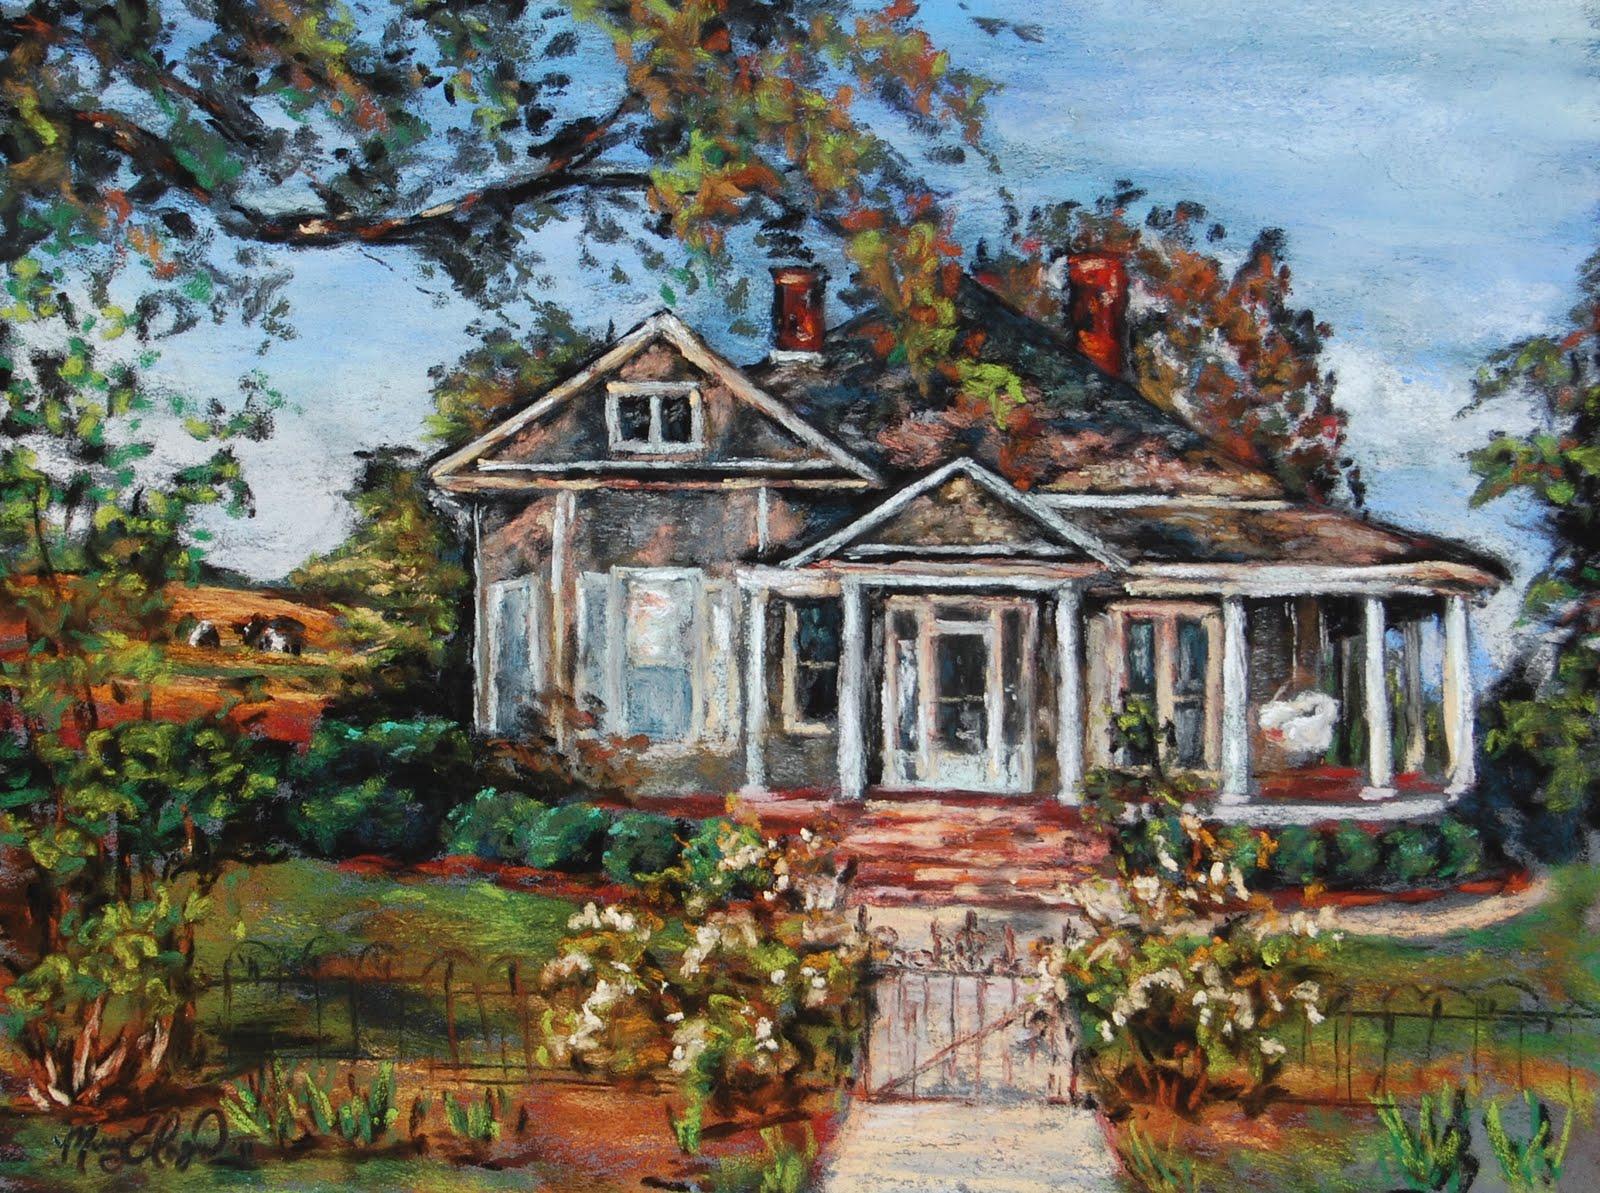 Old Farmhouse Painting Marion farmhouse  9x12 softOld Farmhouse Painting